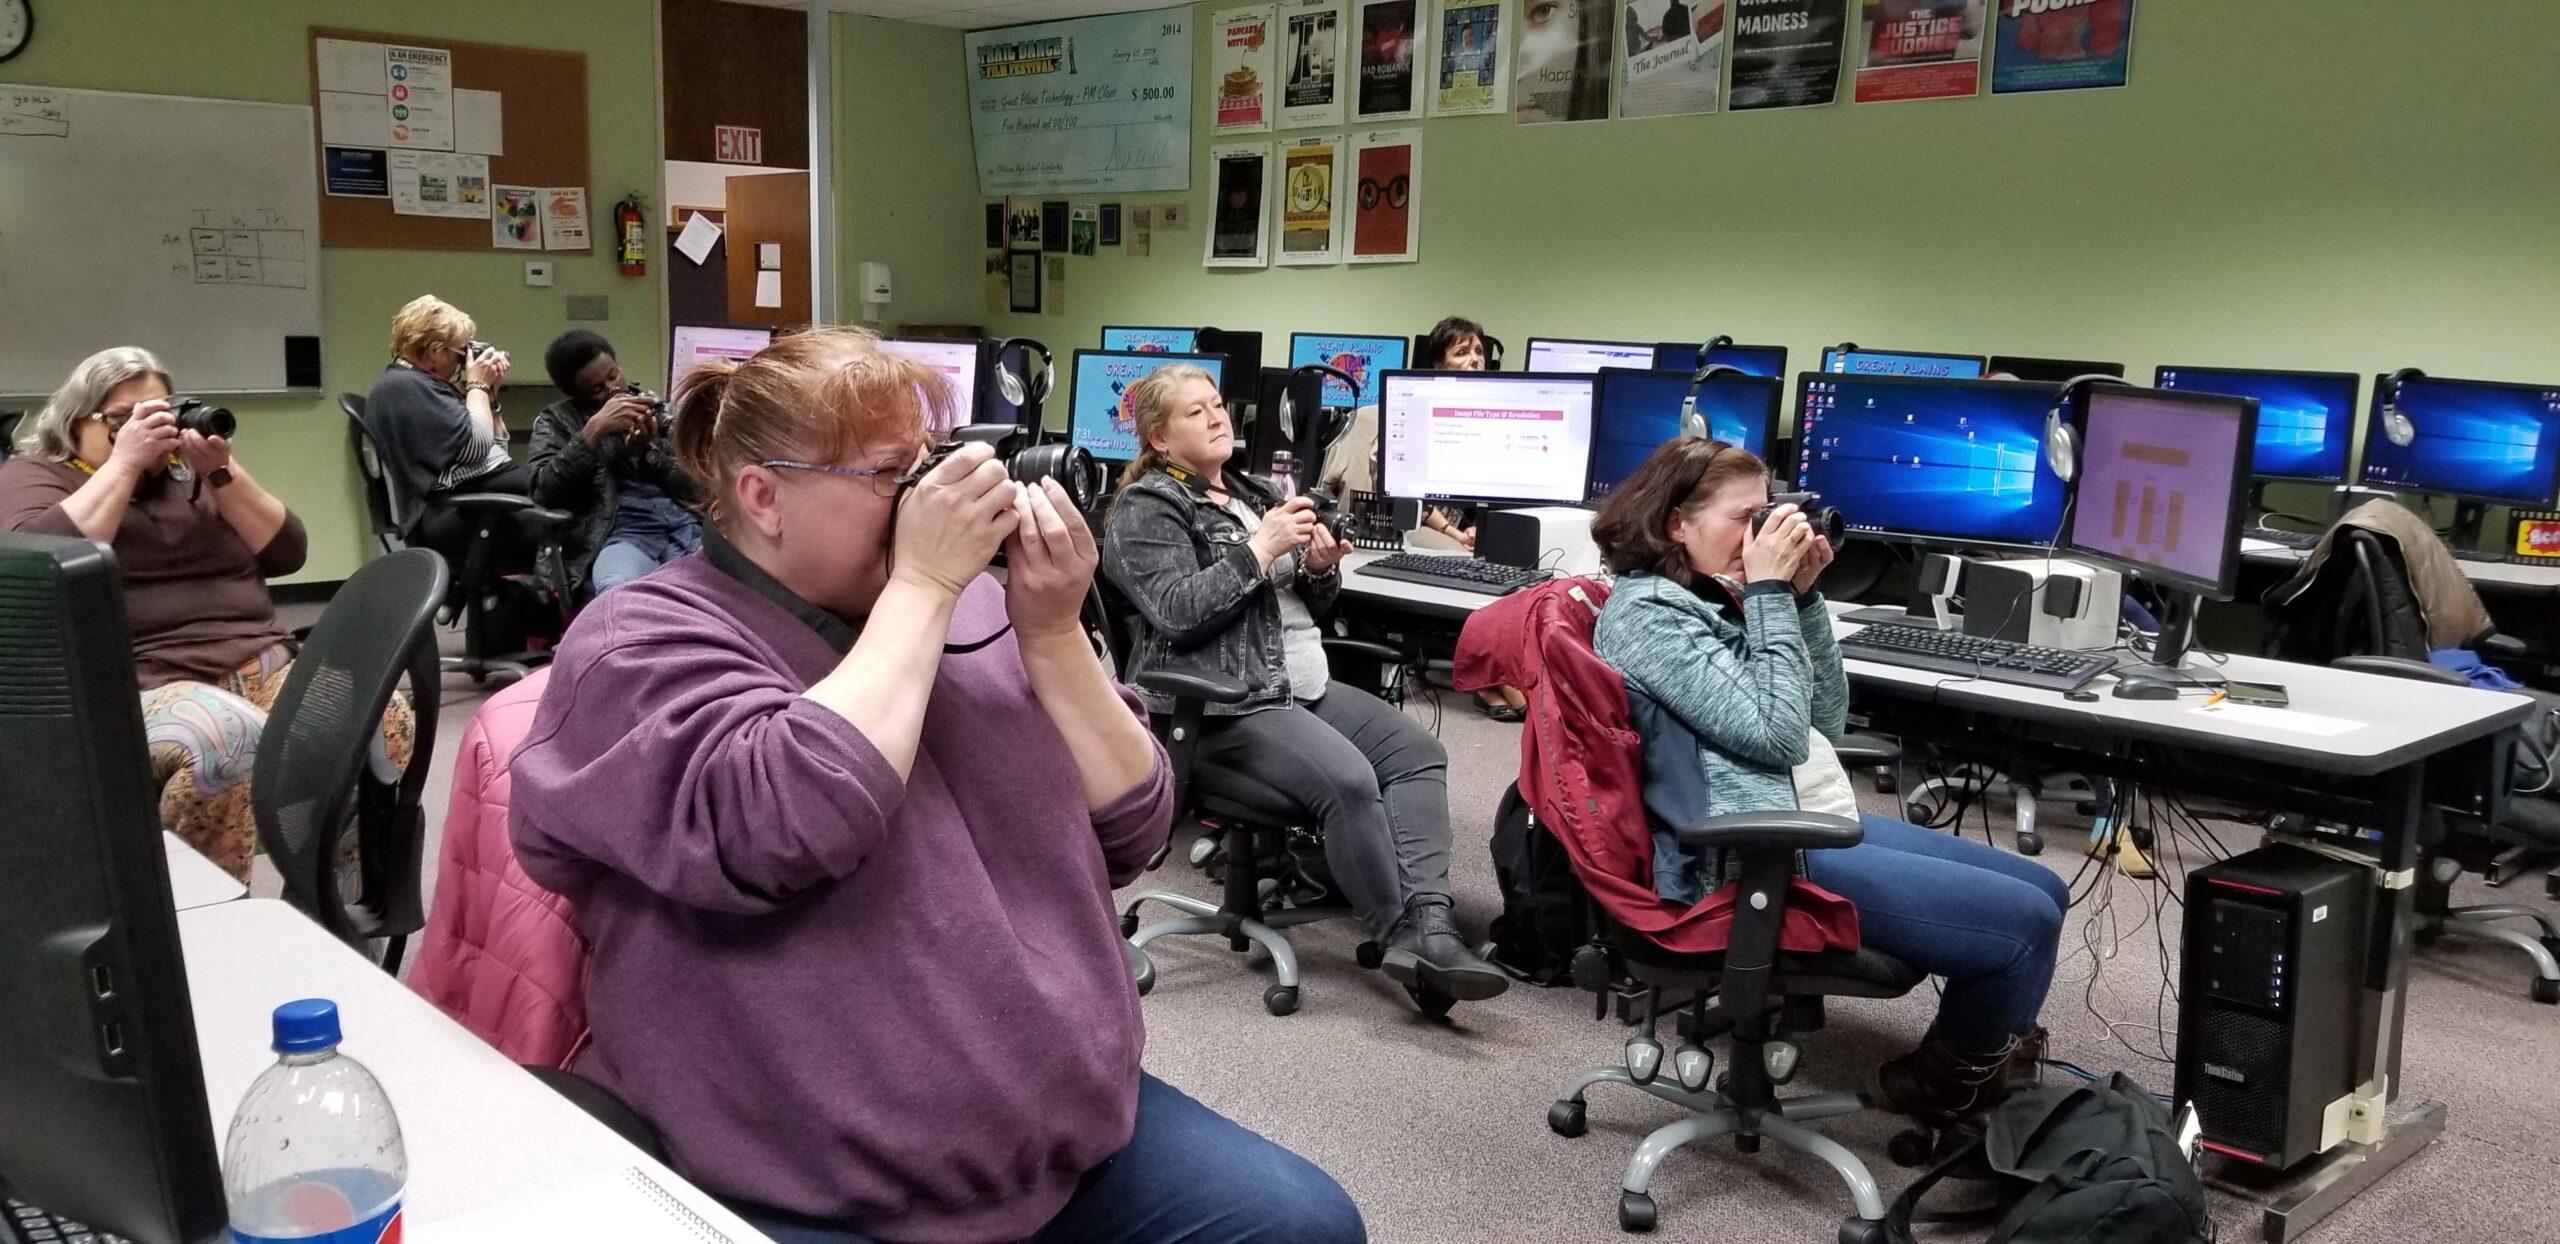 photography class great plains tech center